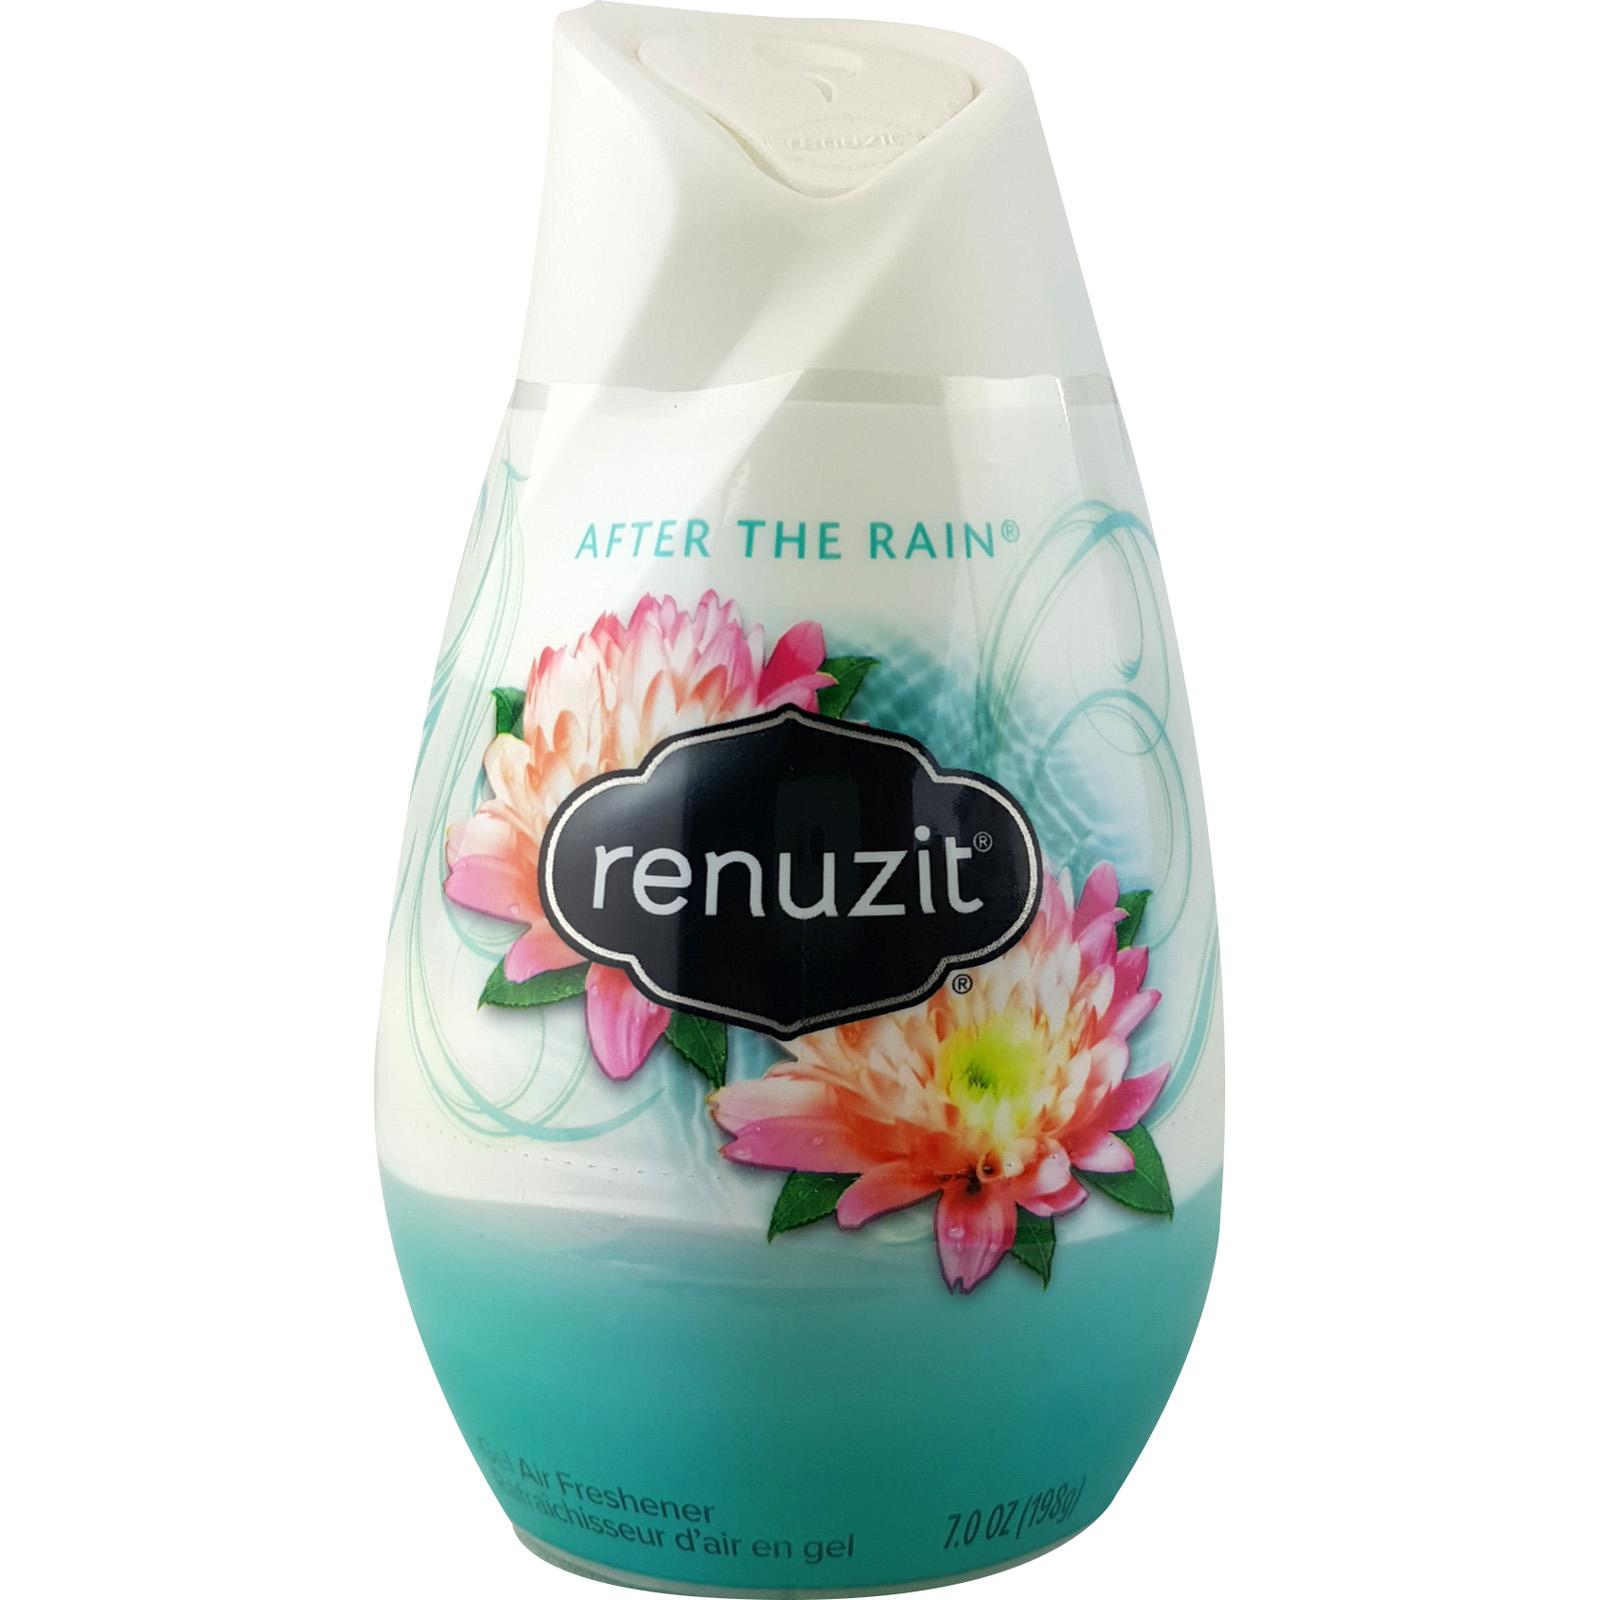 Renuzit Air Freshener Cone Bulk Case 12